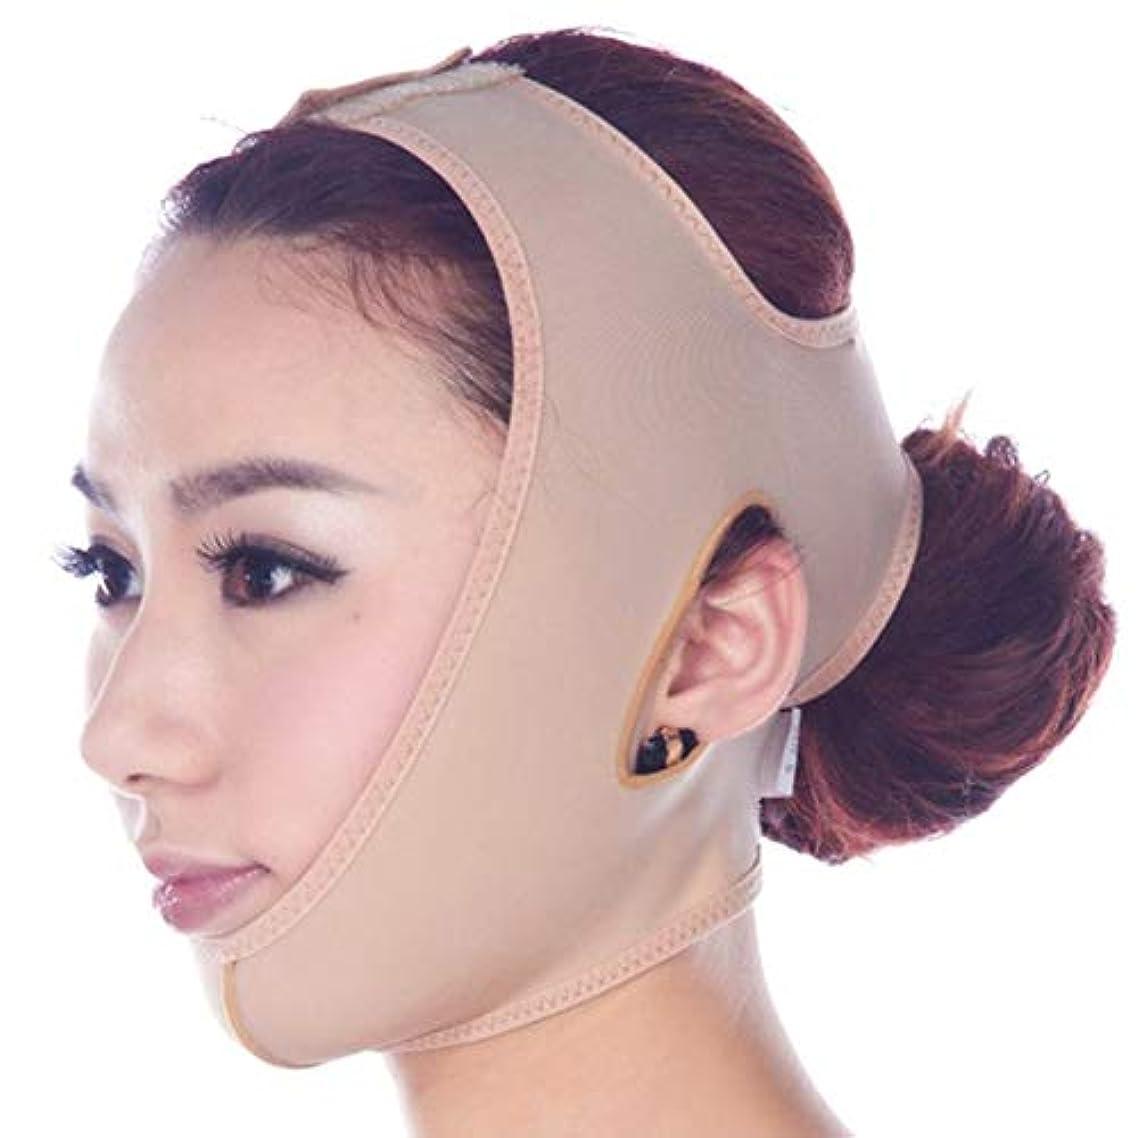 制約傾向がある伸ばすフェイスリフトアップベルトマスク痩身包帯スキンケアシェイパーは、二重顎Thiningバンドを減らします,S